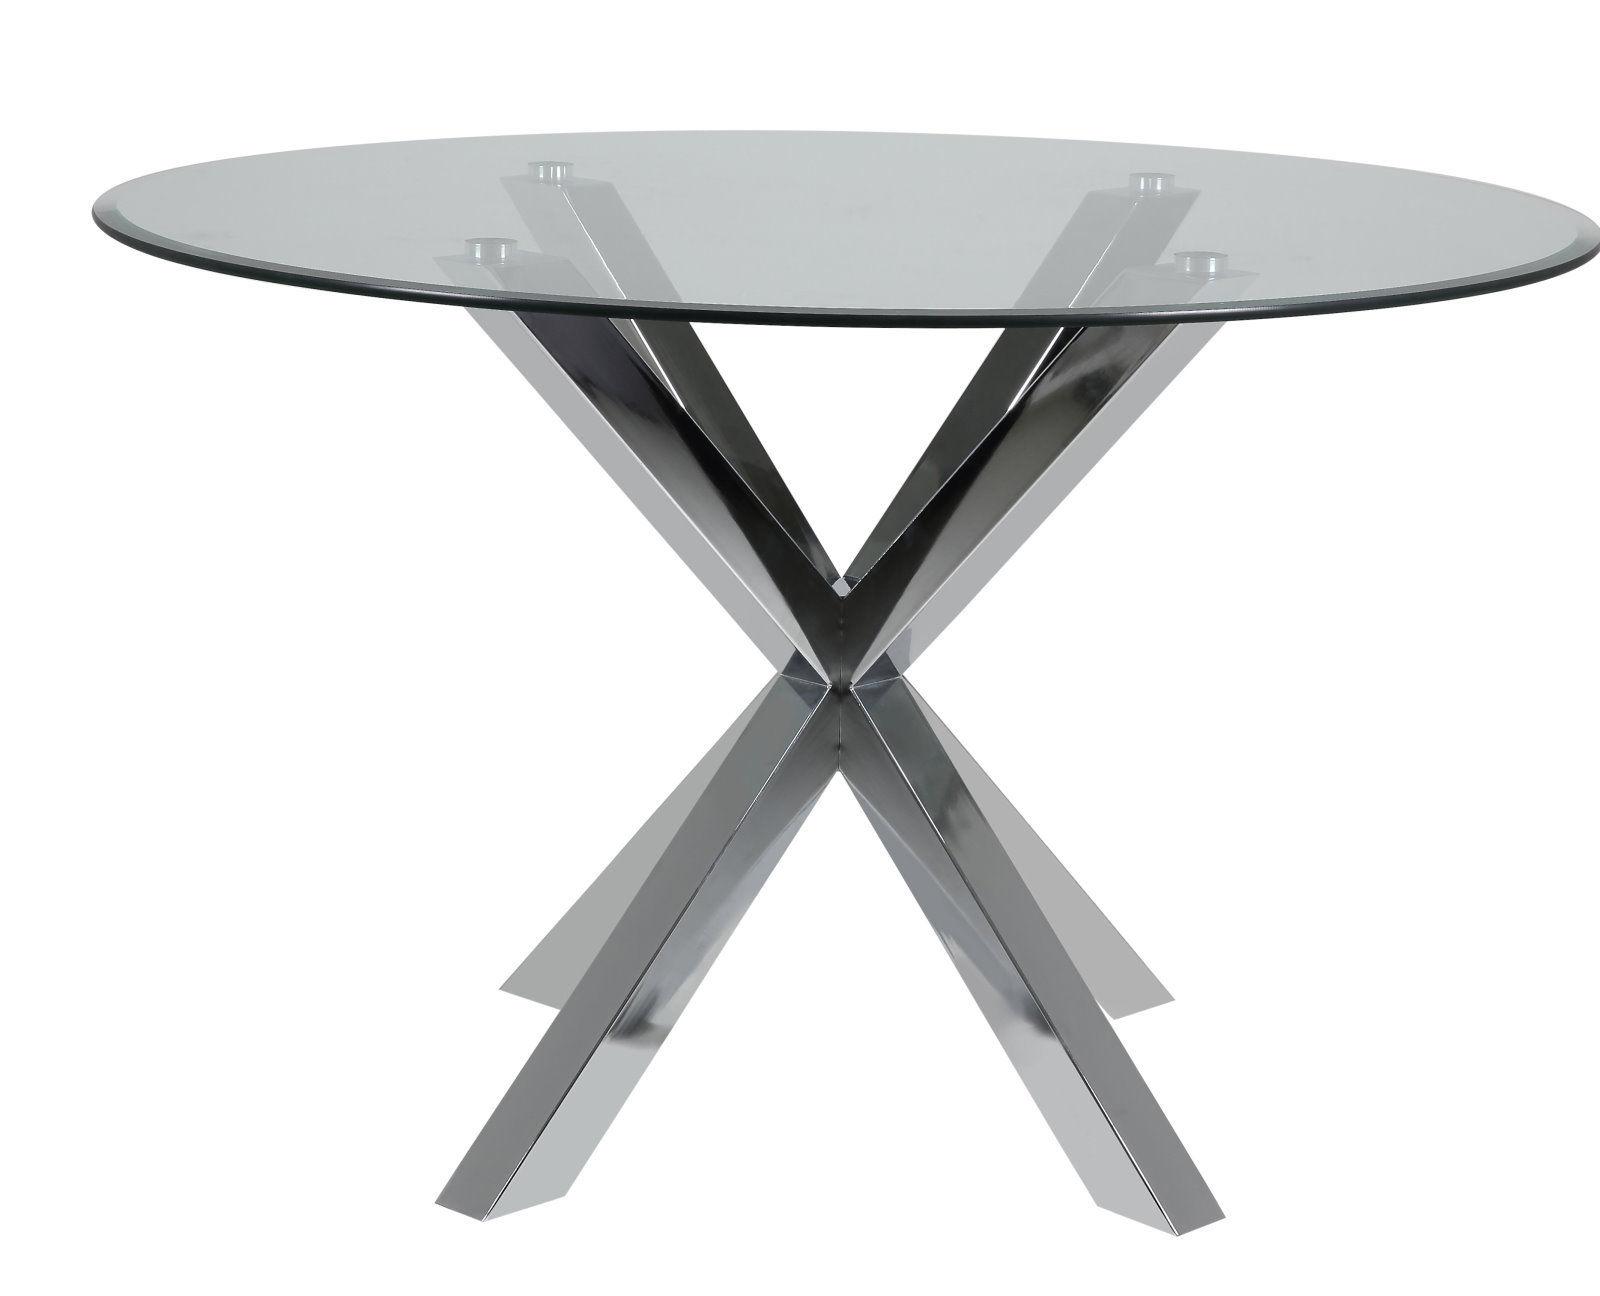 pkline couchtisch glastisch tisch beistelltisch wohnzimmertisch dynamic. Black Bedroom Furniture Sets. Home Design Ideas